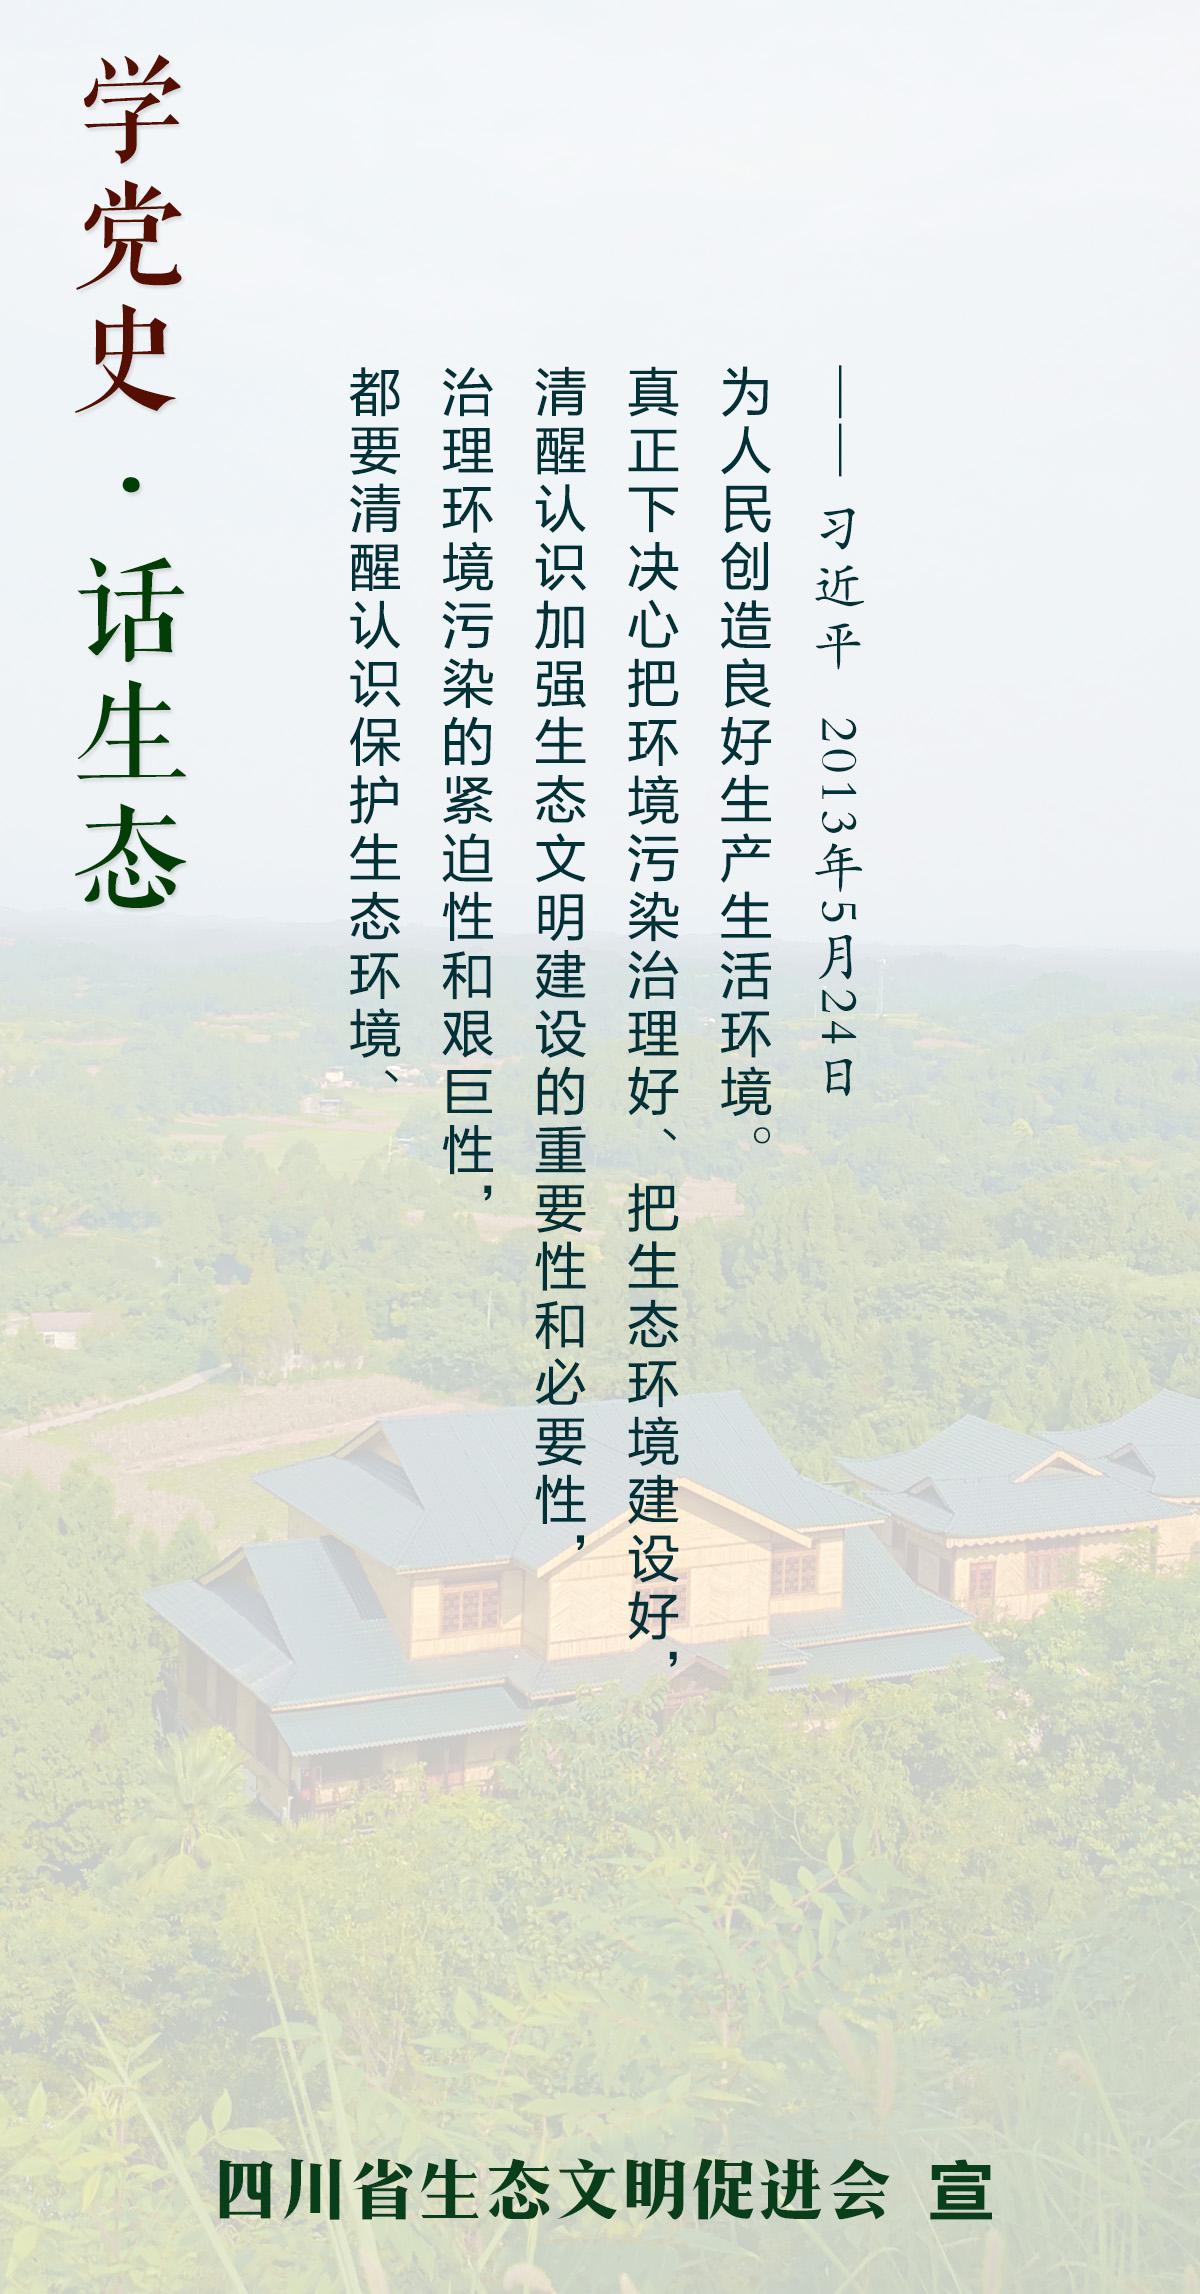 学党史话生态-生态文明建设重要性.jpg